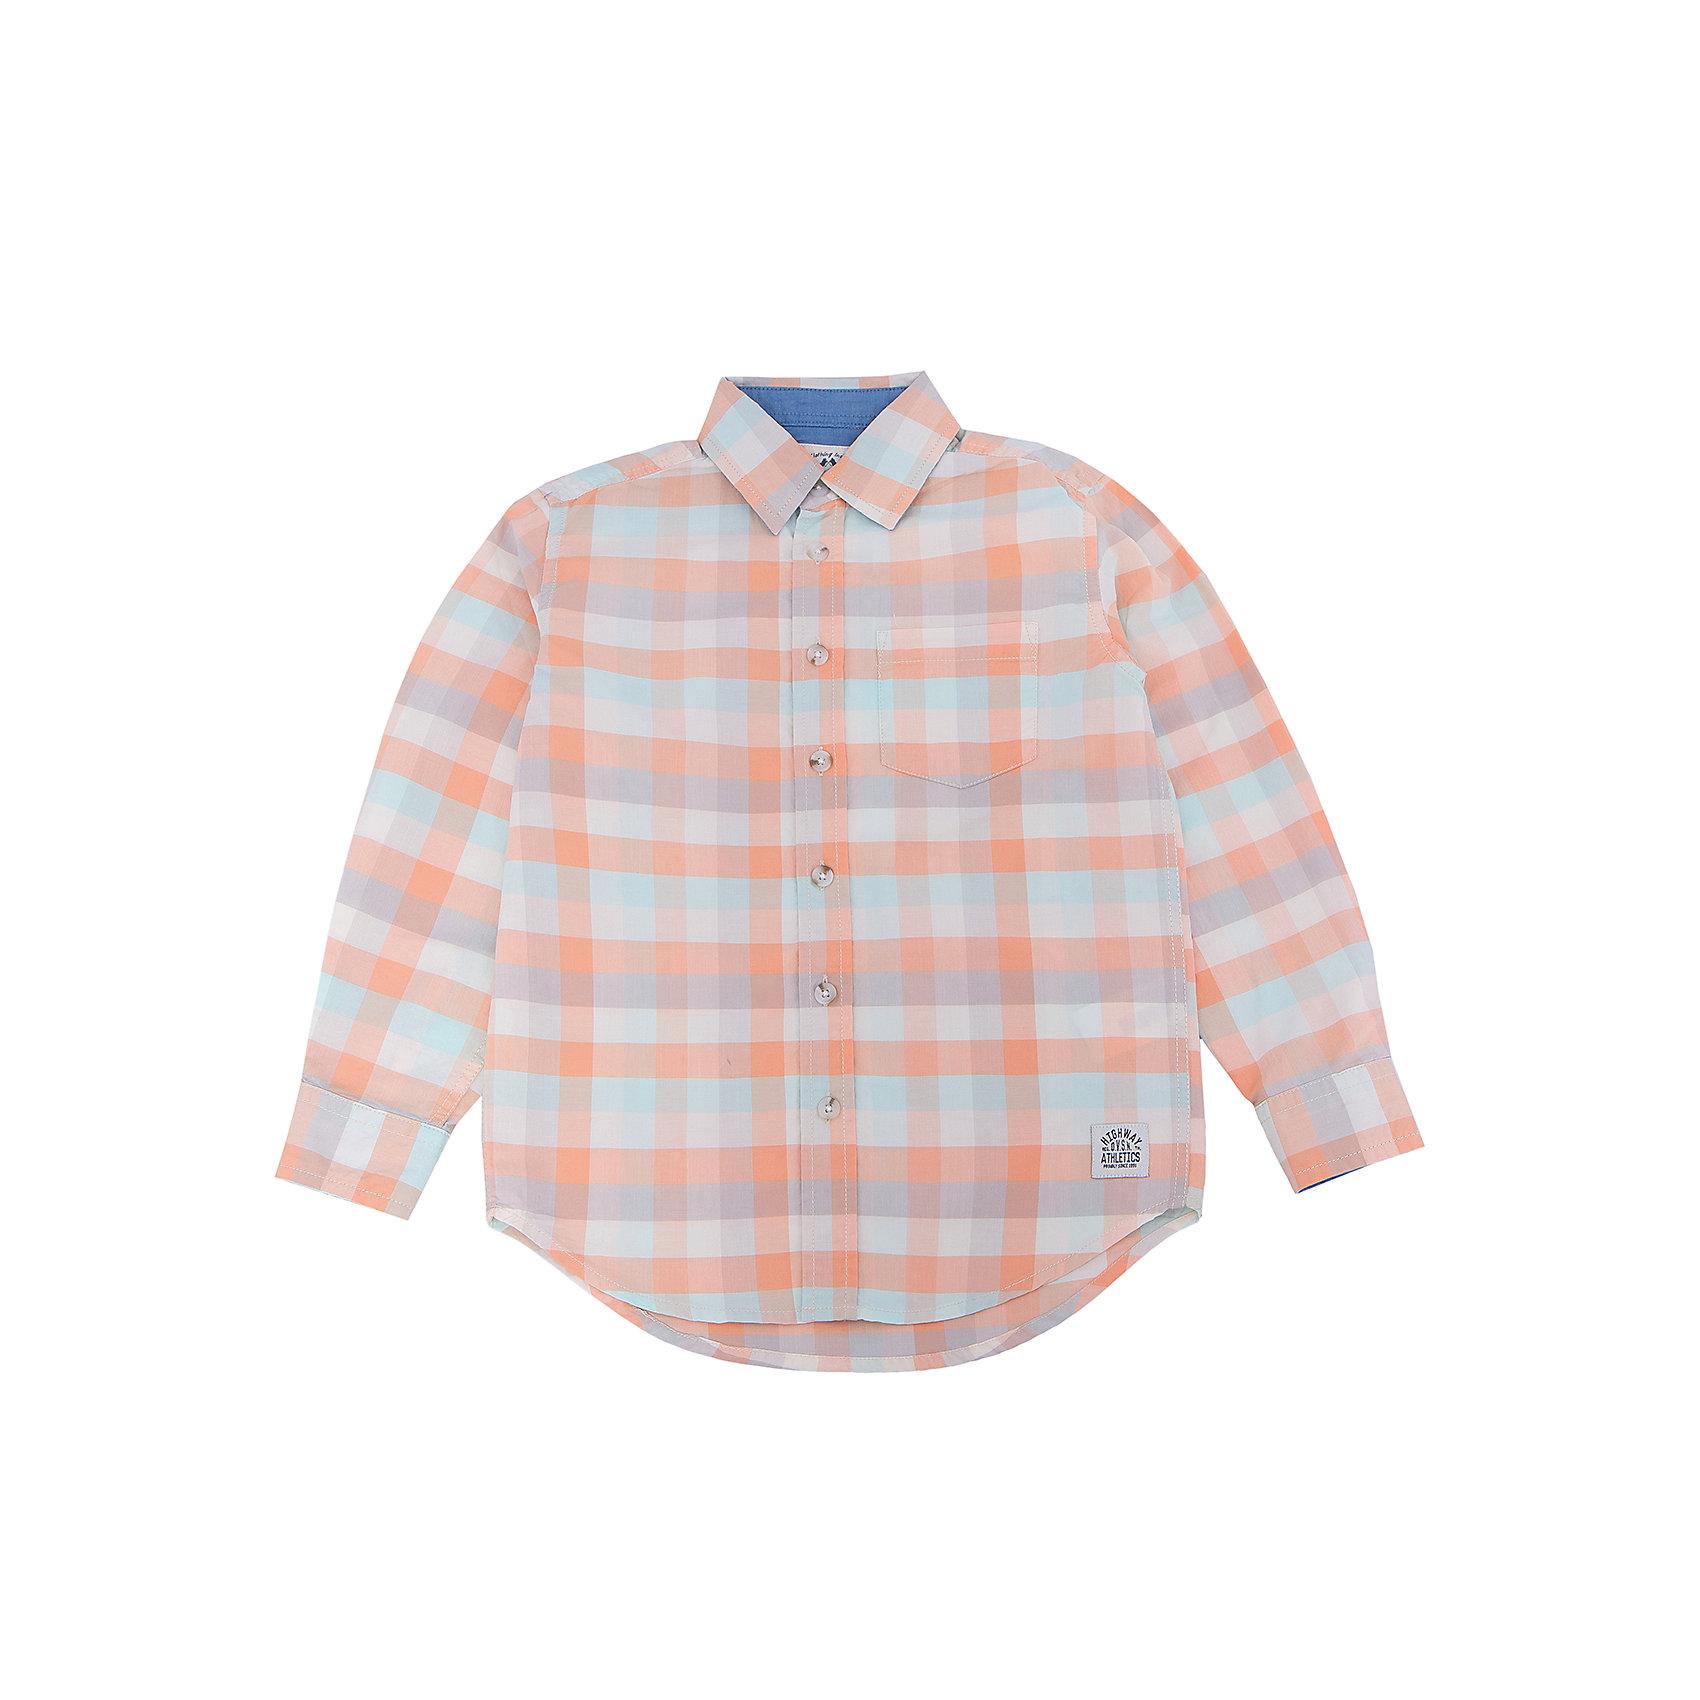 Рубашка для мальчика SELAБлузки и рубашки<br>Характеристики:<br><br>• Вид детской и подростковой одежды: рубашка<br>• Пол: для мальчика<br>• Предназначение: повседневная одежда<br>• Сезон: круглый год<br>• Тематика рисунка: клетка<br>• Цвет: желтый, оранжевый, молочный, голубой <br>• Материал: хлопок 100% <br>• Силуэт: прямой<br>• Рукав: длинный<br>• Воротник: отложной<br>• Застежка: пуговицы<br>• Особенности ухода: стирка при температуре не более 30 градусов, глажение на щадящем режиме<br><br>Рубашка для мальчика SELA из коллекции детской и подростковой одежды от знаменитого торгового бренда, который производит удобную, комфортную и стильную одежду, предназначенную как для будней, так и для праздников. Рубашка изготовлена из хлопка, что придает изделию повышенные гипоаллергенные и гигроскопичные свойства. Изделие выполнено в классическом стиле: прямой силуэт, длинный рукав с манжетами и отложной воротничок, на передней полочке имеется накладной карман. Рисунок из крупной клетки разных цветов придает изделию особый стиль. Рубашка прекрасно будет сочетаться как с брюками, так и с джинсами.<br><br>Рубашку для мальчика SELA можно купить в нашем интернет-магазине.<br>Состав:<br>100% хлопок<br><br>Ширина мм: 174<br>Глубина мм: 10<br>Высота мм: 169<br>Вес г: 157<br>Цвет: оранжевый<br>Возраст от месяцев: 96<br>Возраст до месяцев: 108<br>Пол: Мужской<br>Возраст: Детский<br>Размер: 134,140,146,152,116,122,128<br>SKU: 5305507